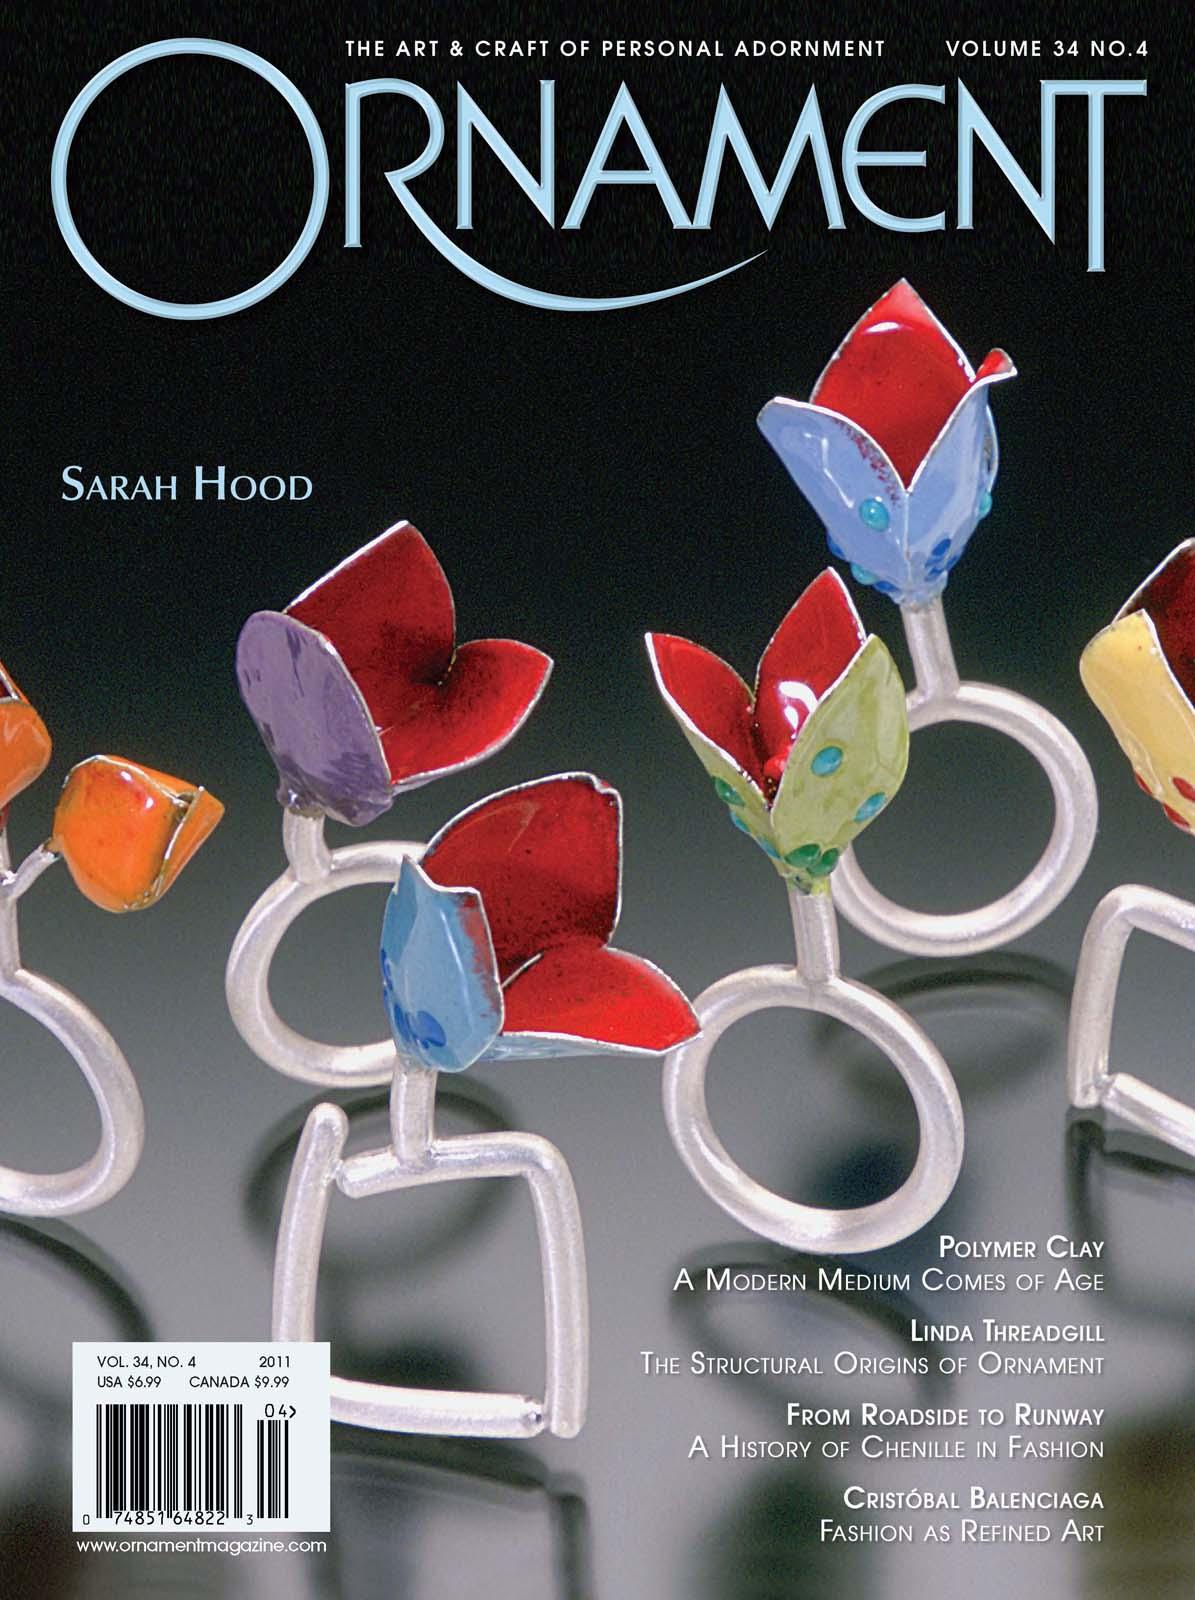 Orn34_4_Cover.jpg